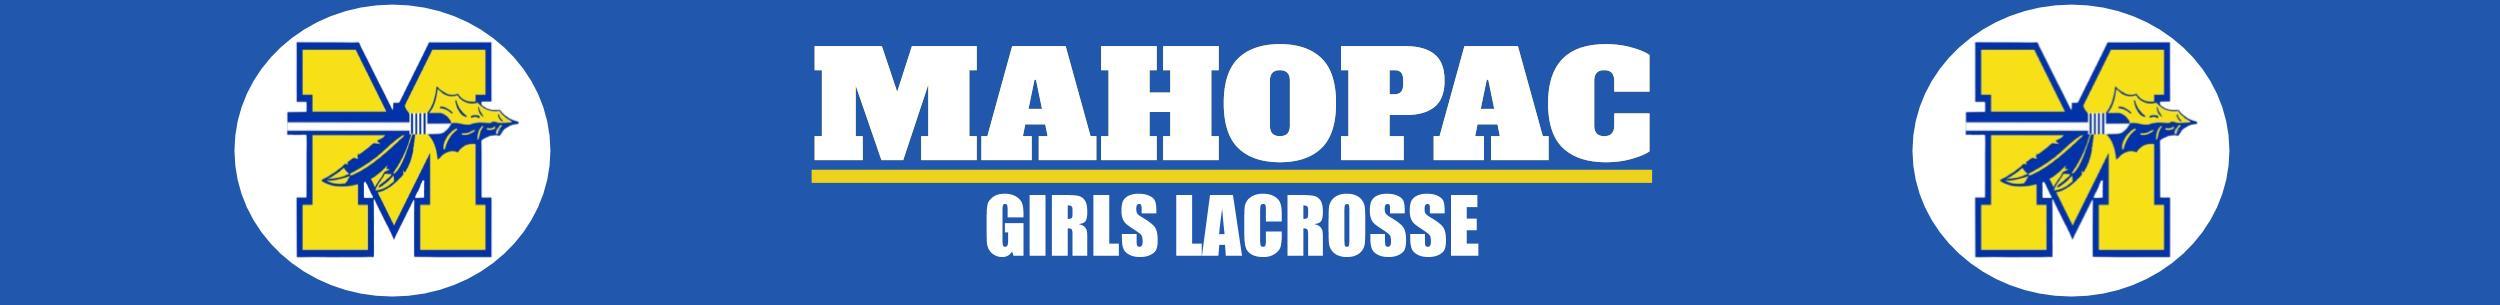 MSA Girls Lacrosse, Lacrosse, Goal, Field